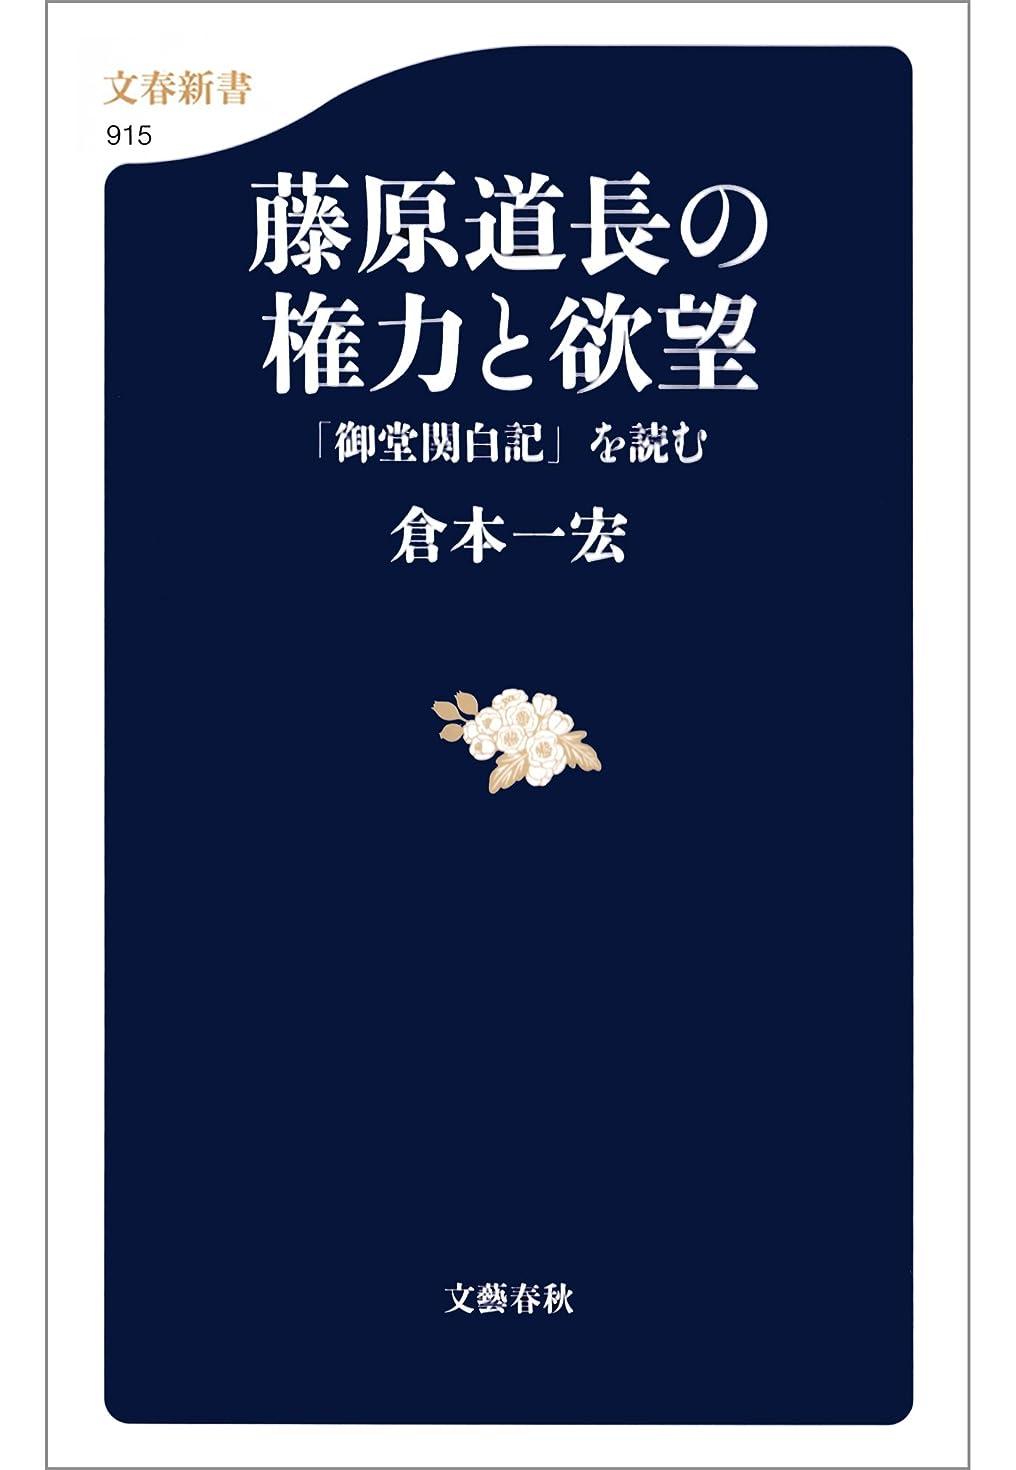 グローバルクレア嬉しいです藤原道長の権力と欲望  「御堂関白記」を読む